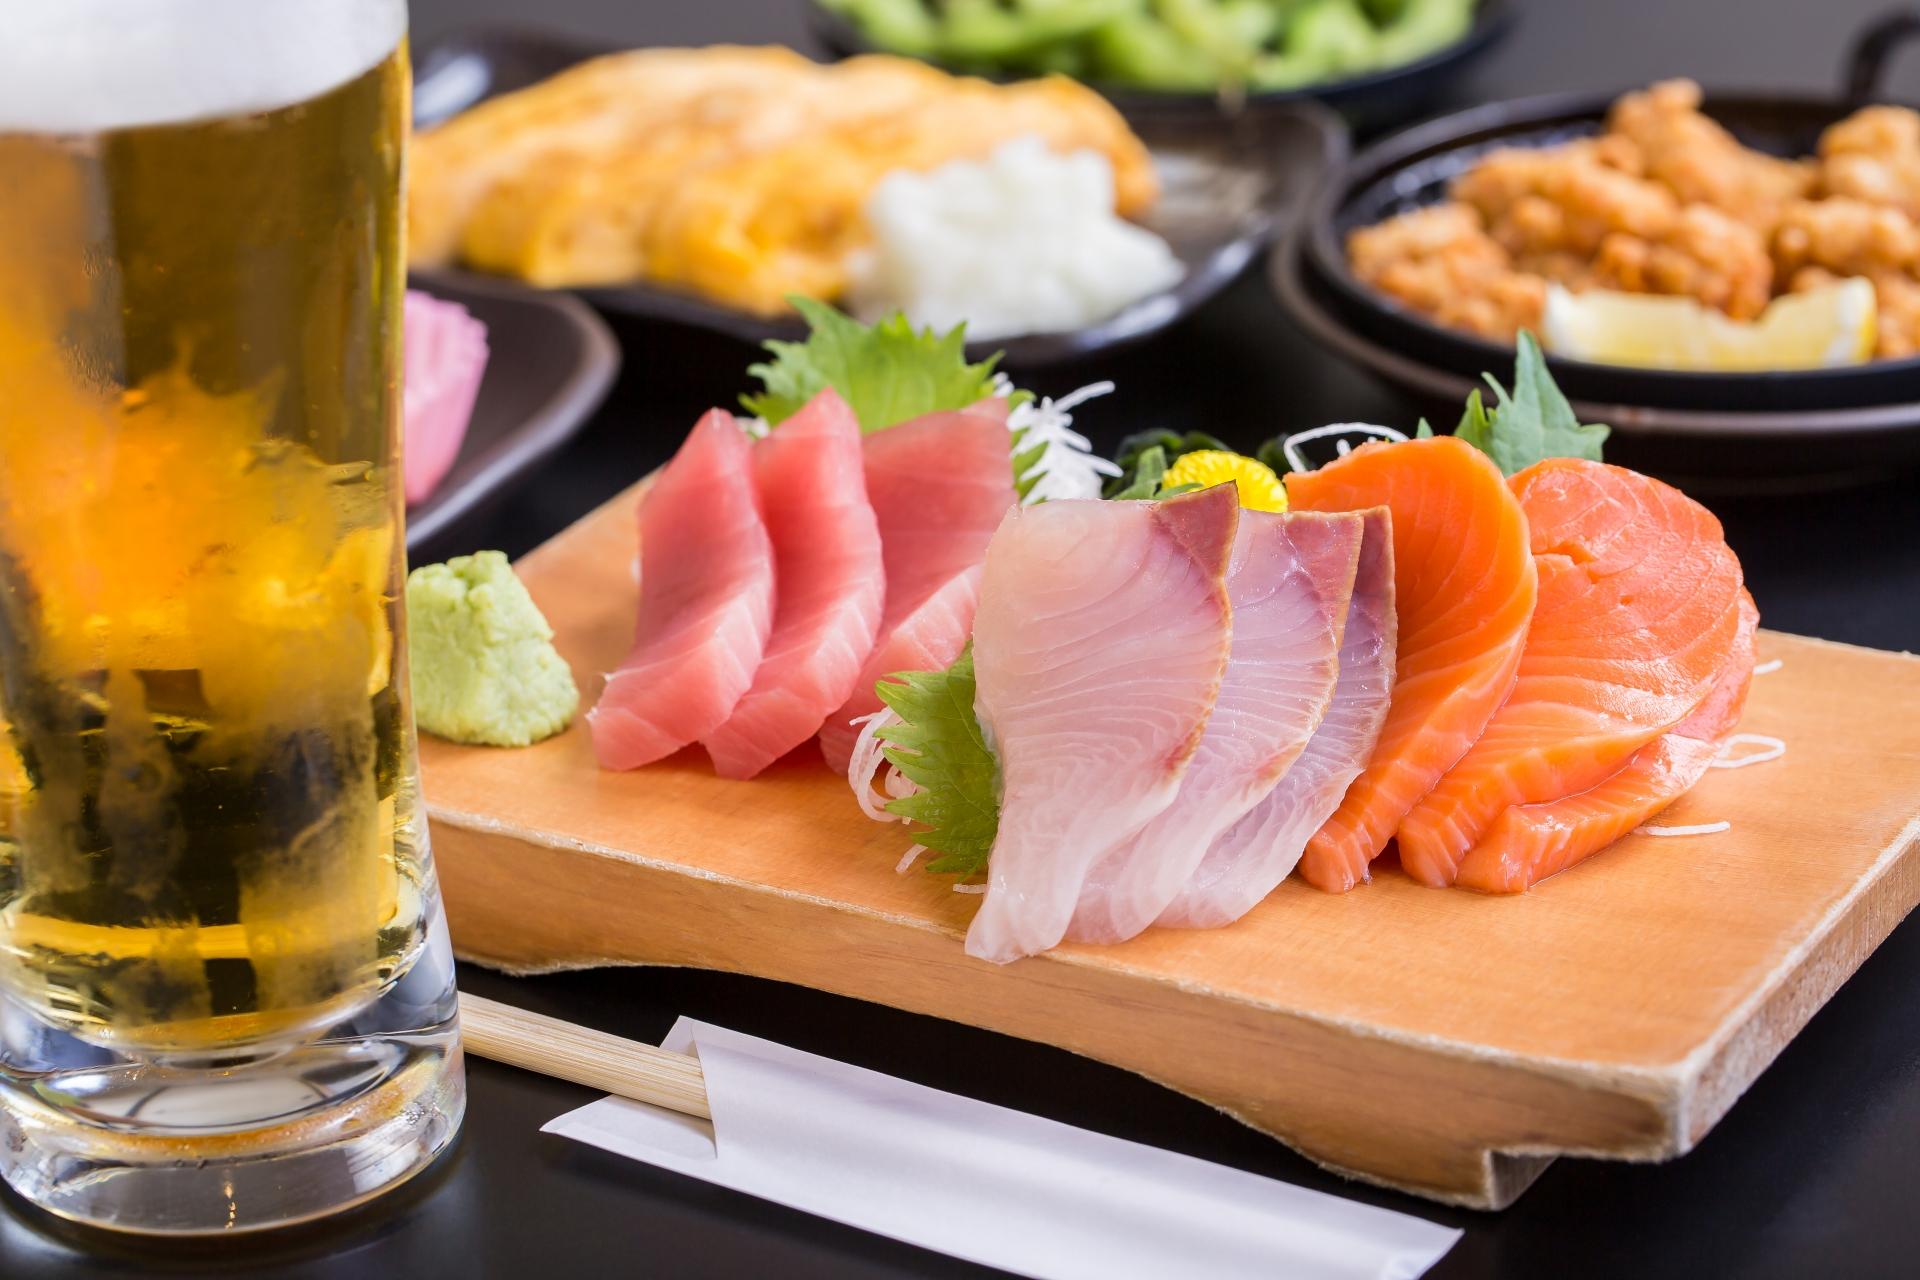 函館駅前のおすすめ居酒屋11選!個室のあるお店や安いところもチェック!